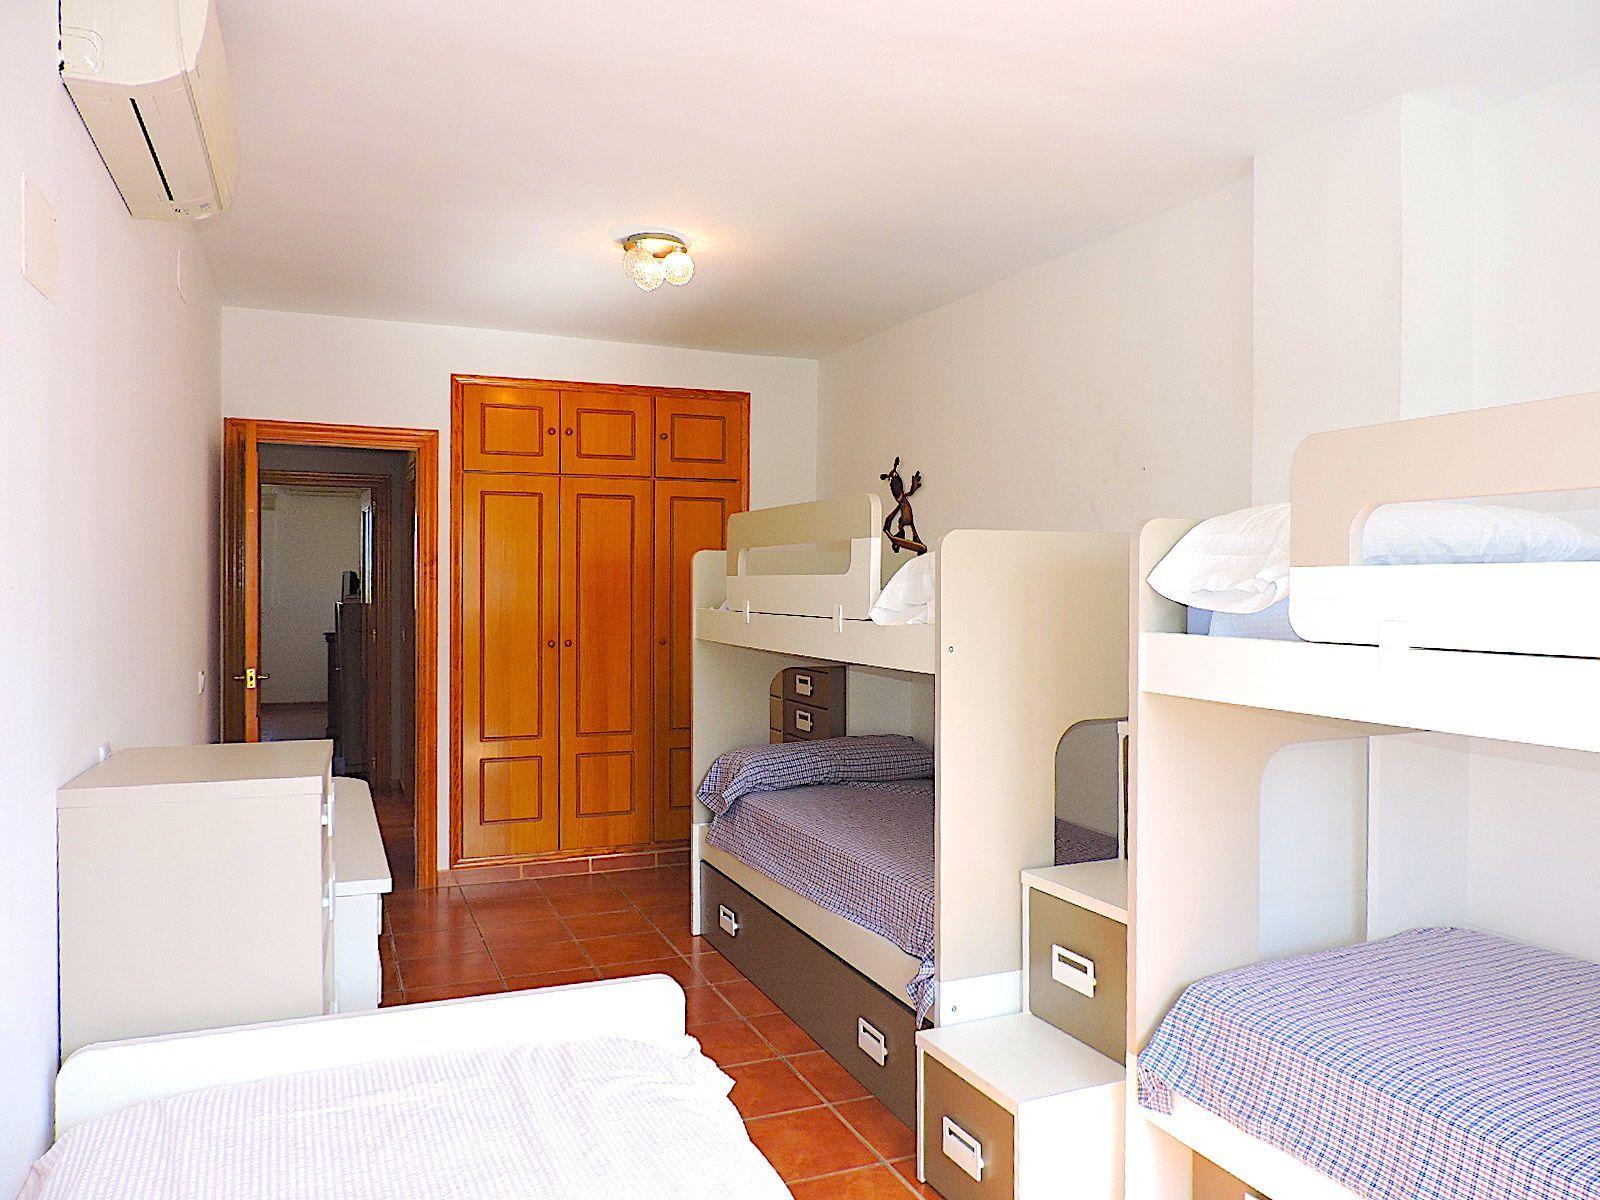 Villa en venta en Benidorm zona Rincon de Loix